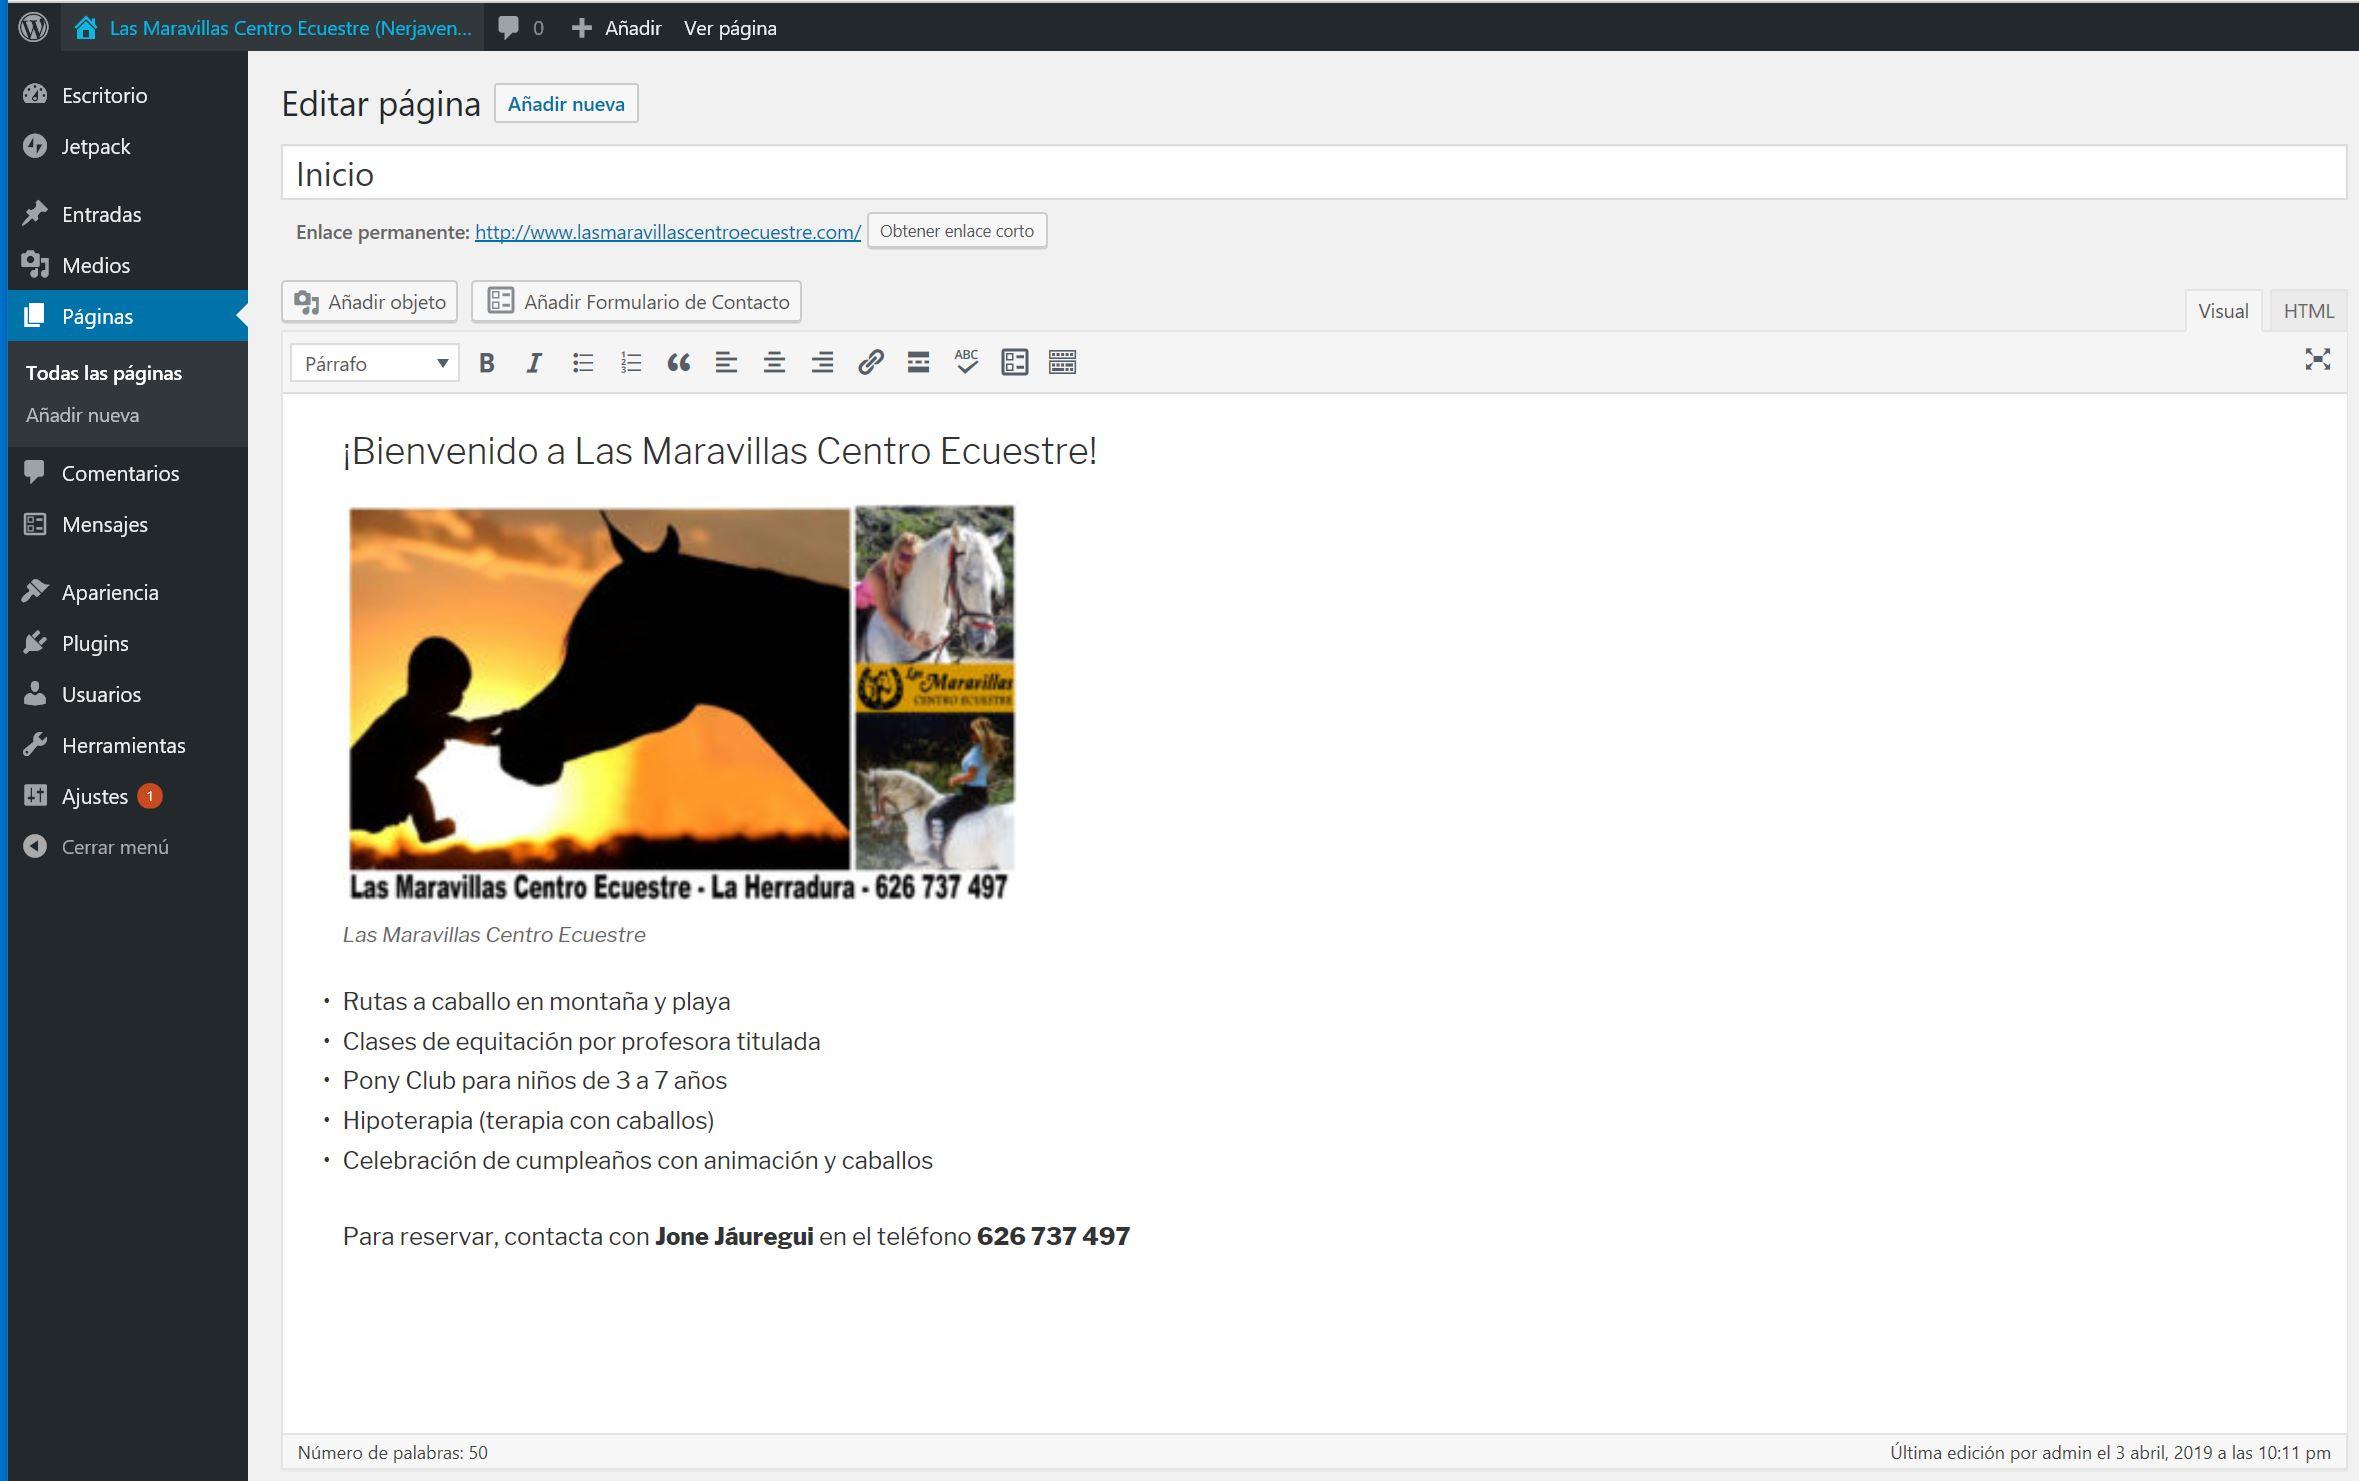 Figura 2. El editor clásico de WordPress